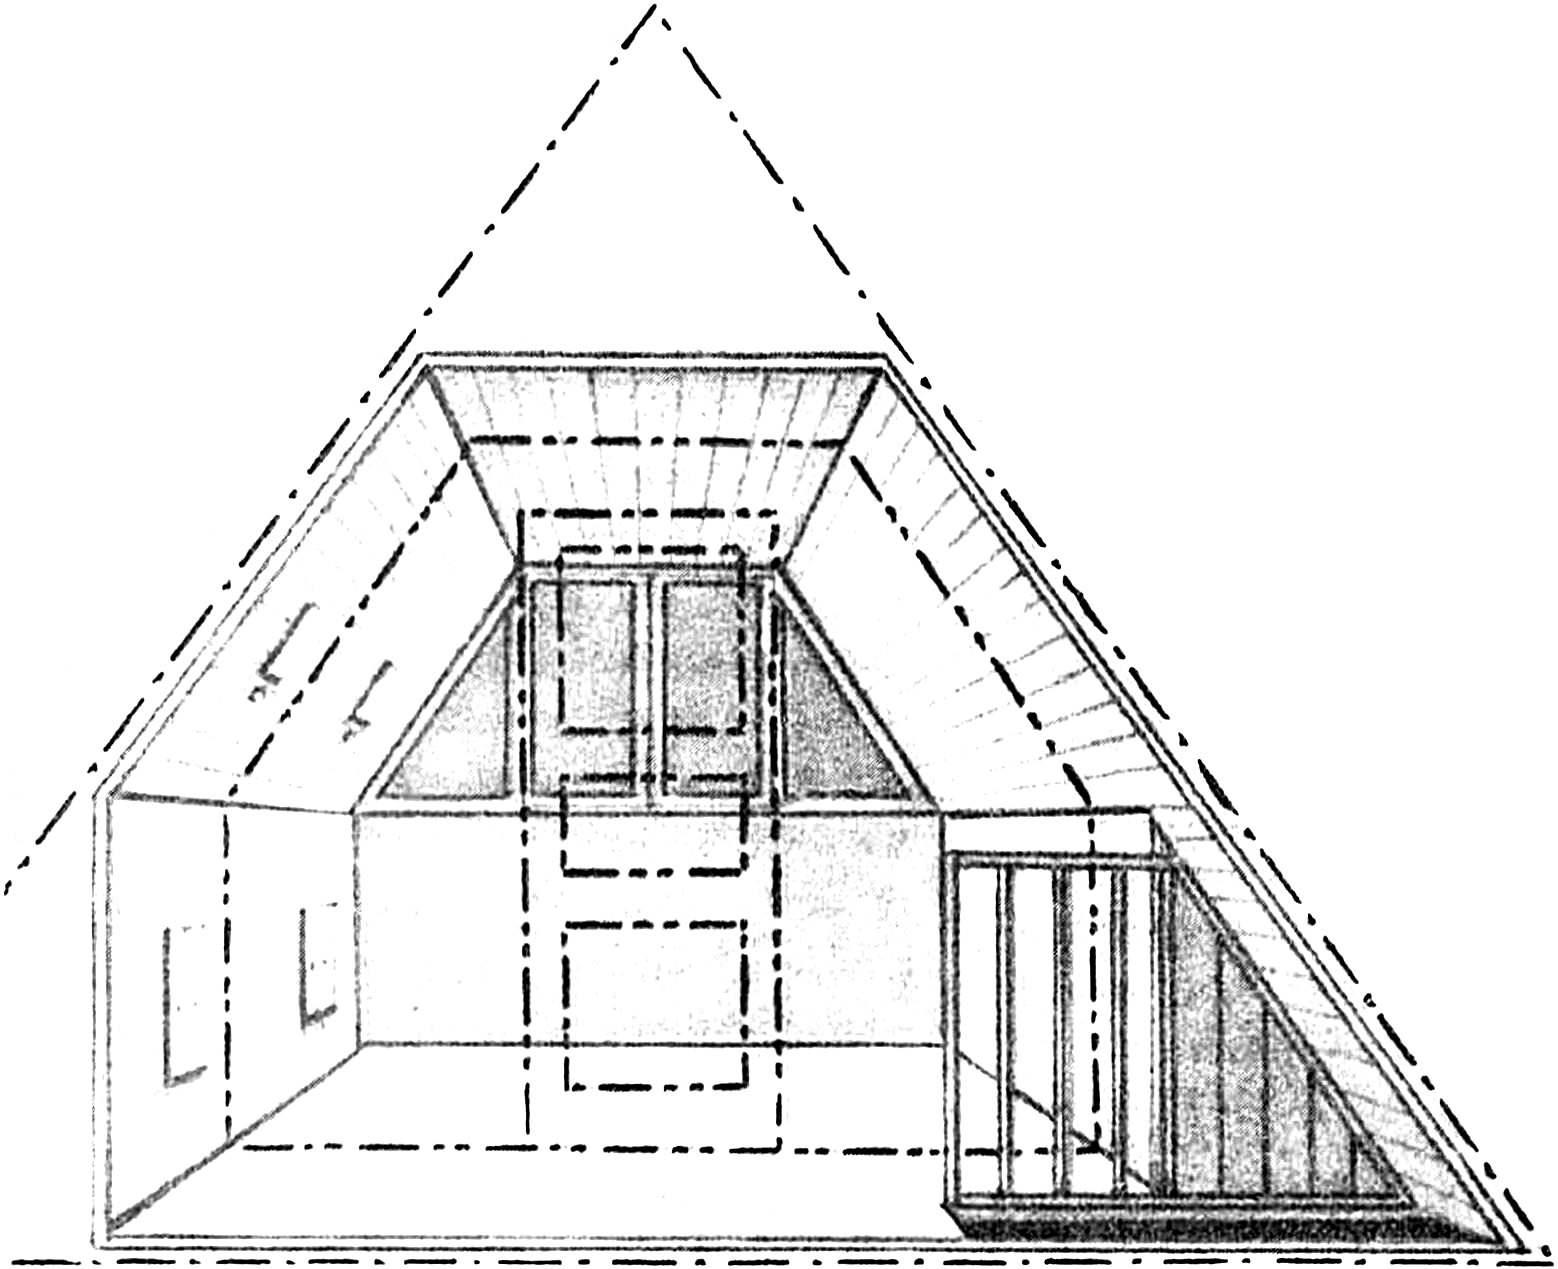 Даже небольшой чердак может стать прекрасной мансардой. Так выглядит обустроенное чердачное помещение летнего дачного домика на одну или две комнаты (перегородка показана условно).